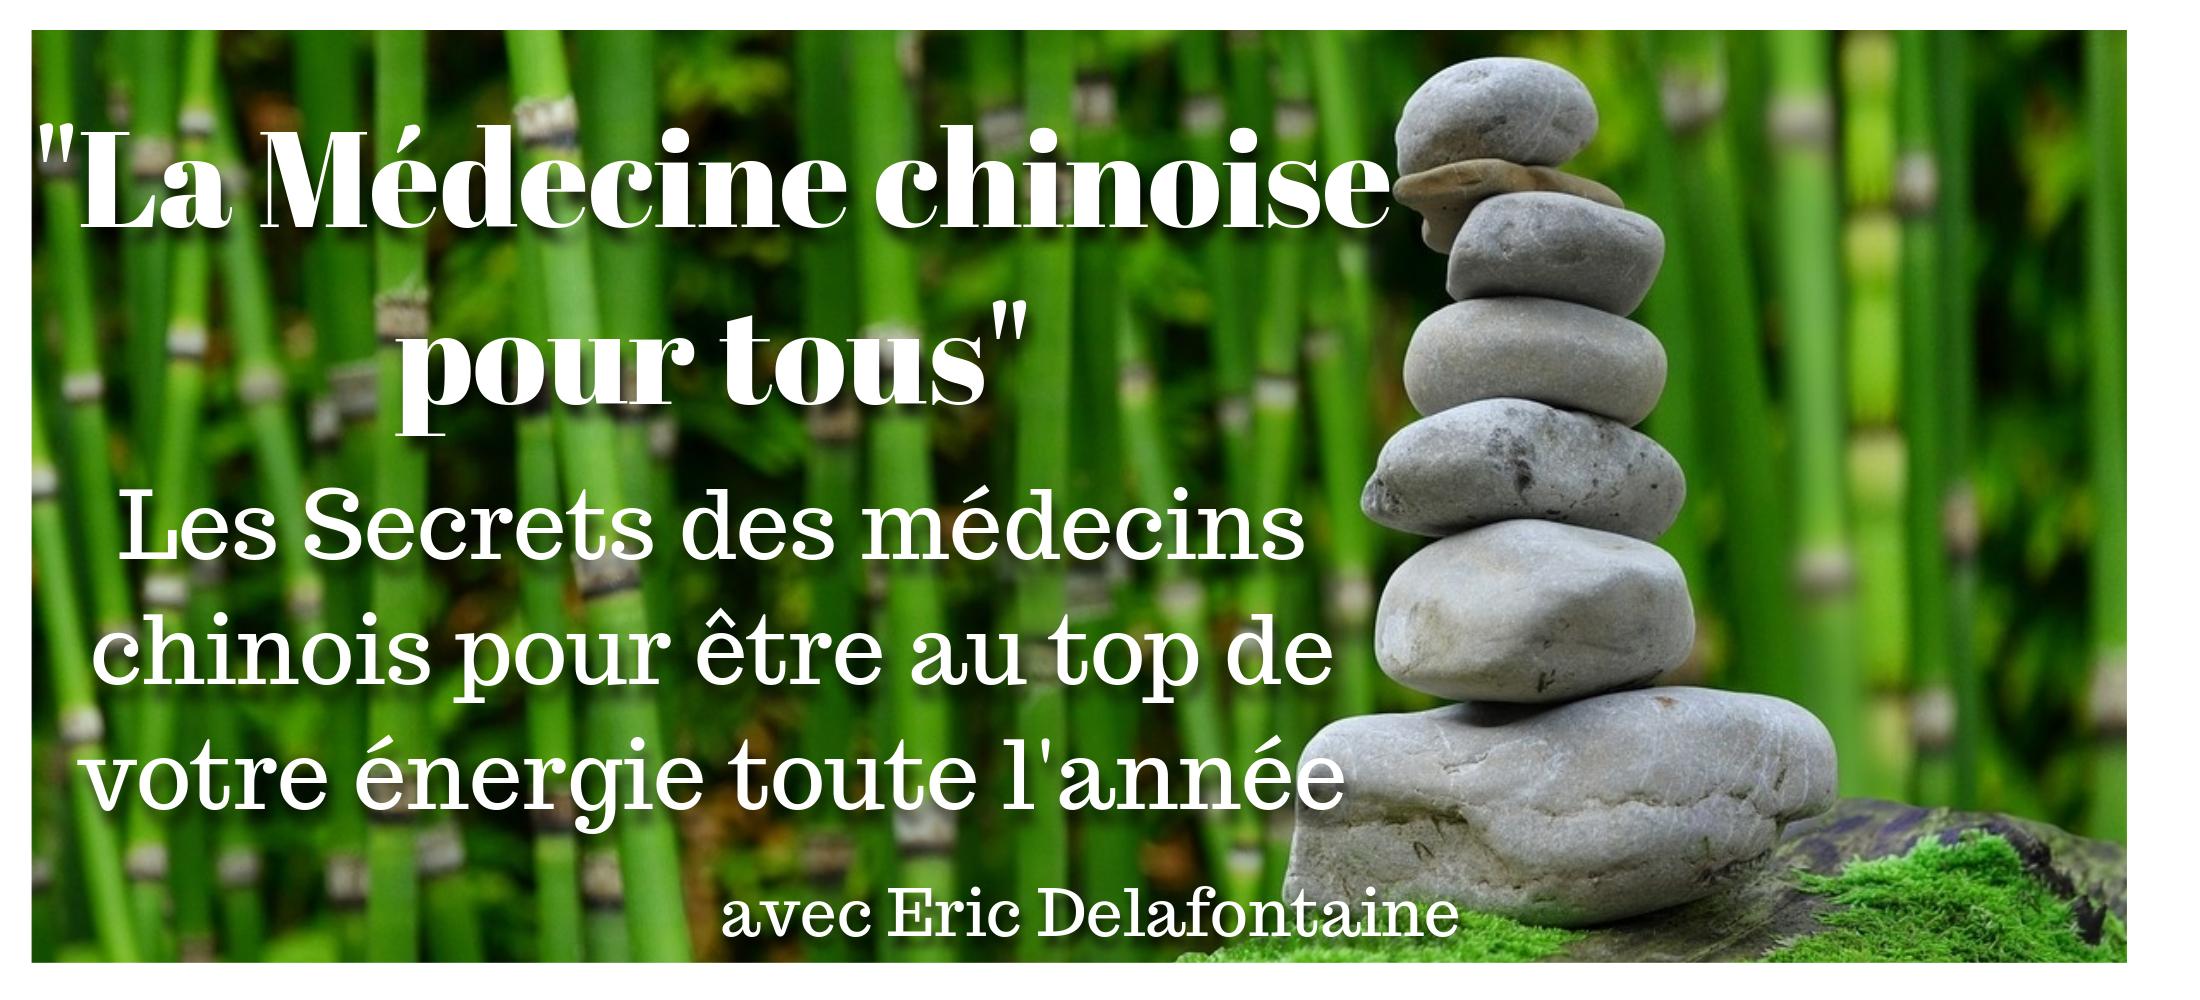 Formation la médecine chinoise pour tous par Eric Delafontaine